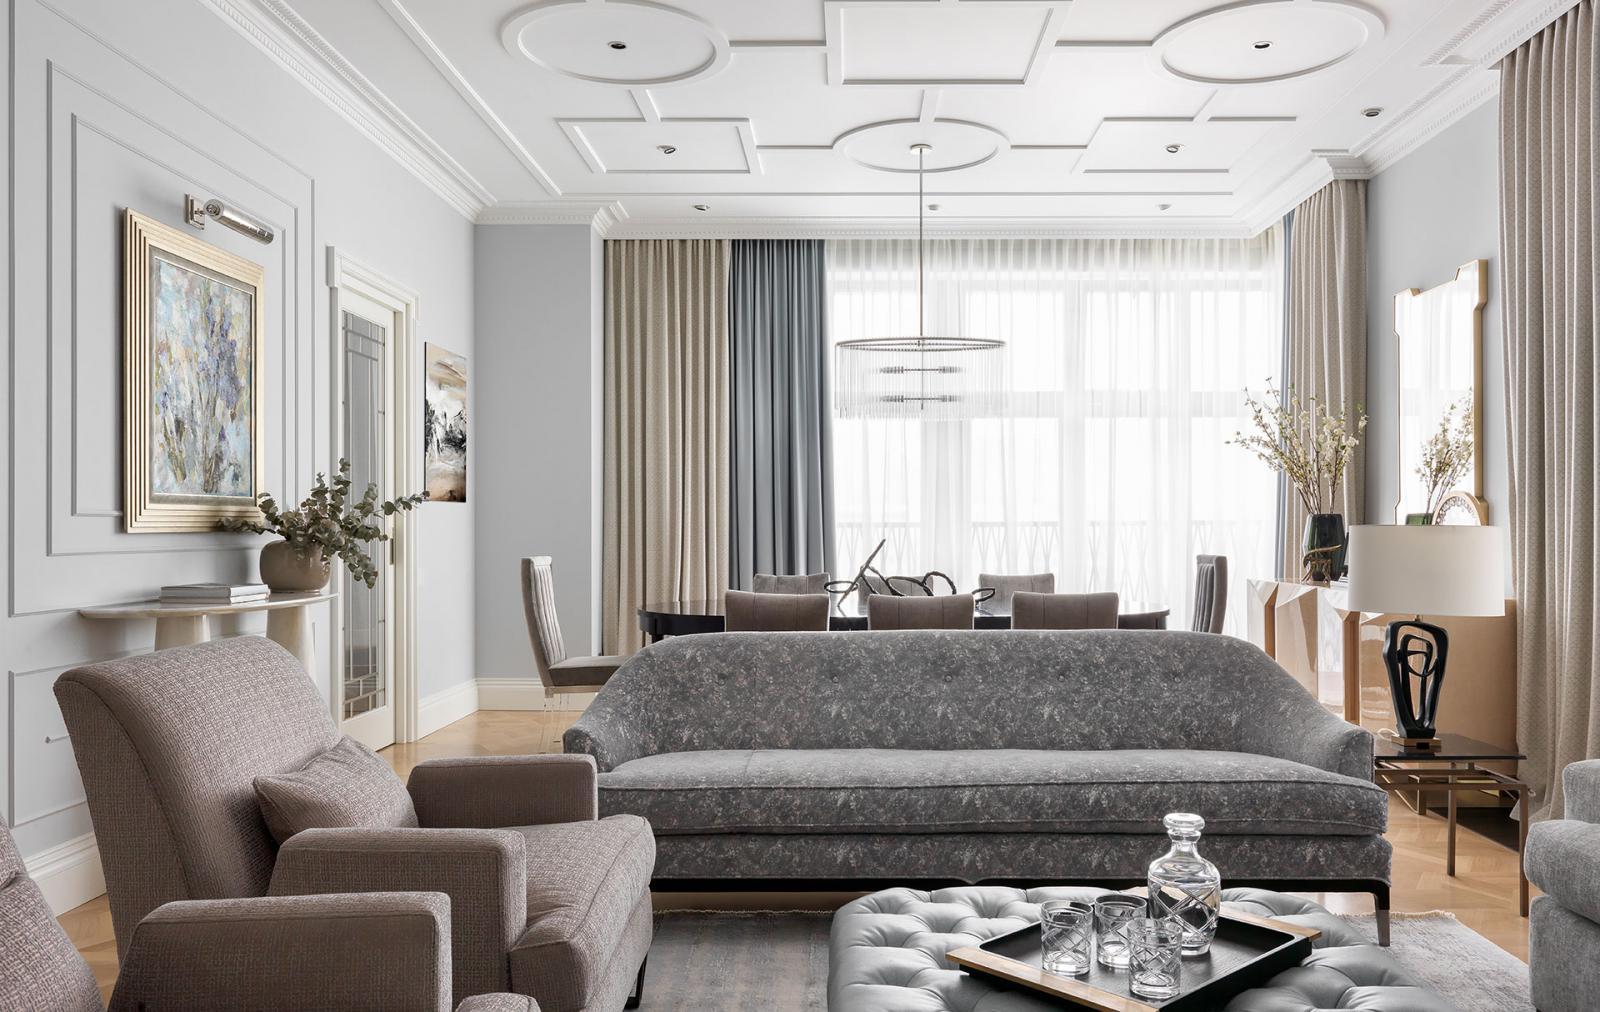 Ирина Граве: светлая квартира с американской мебелью